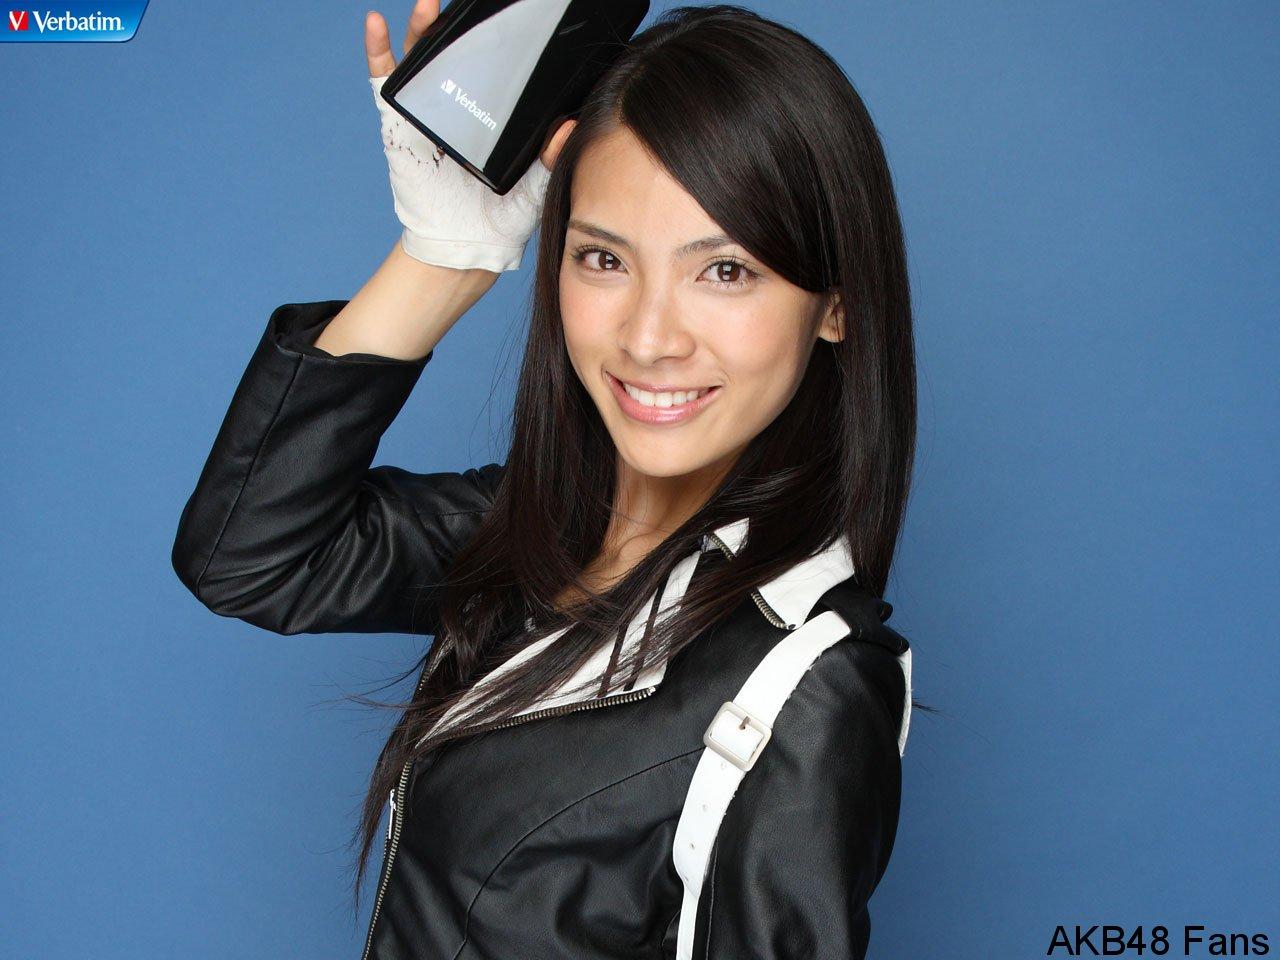 Sayaka Akimoto for Verbatim